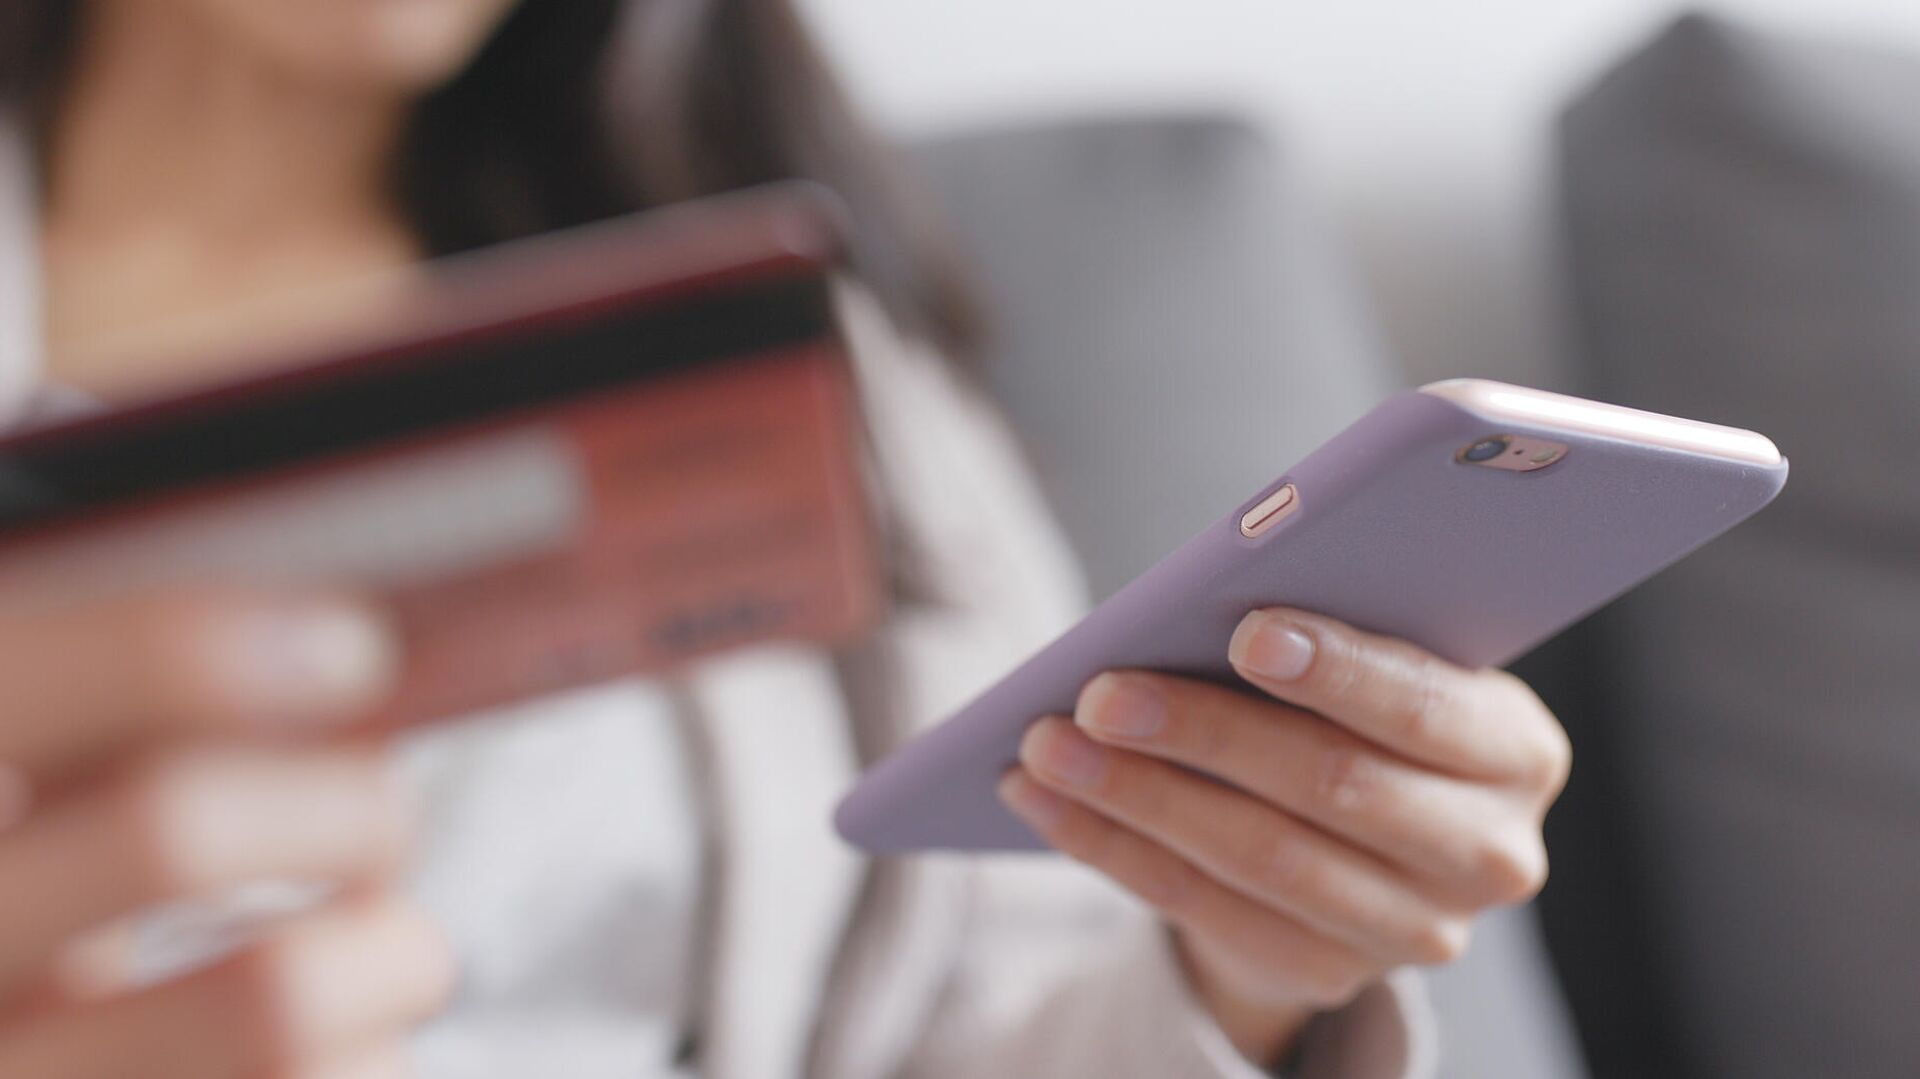 Девушка со смартфоном и банковской картой - РИА Новости, 1920, 02.07.2020